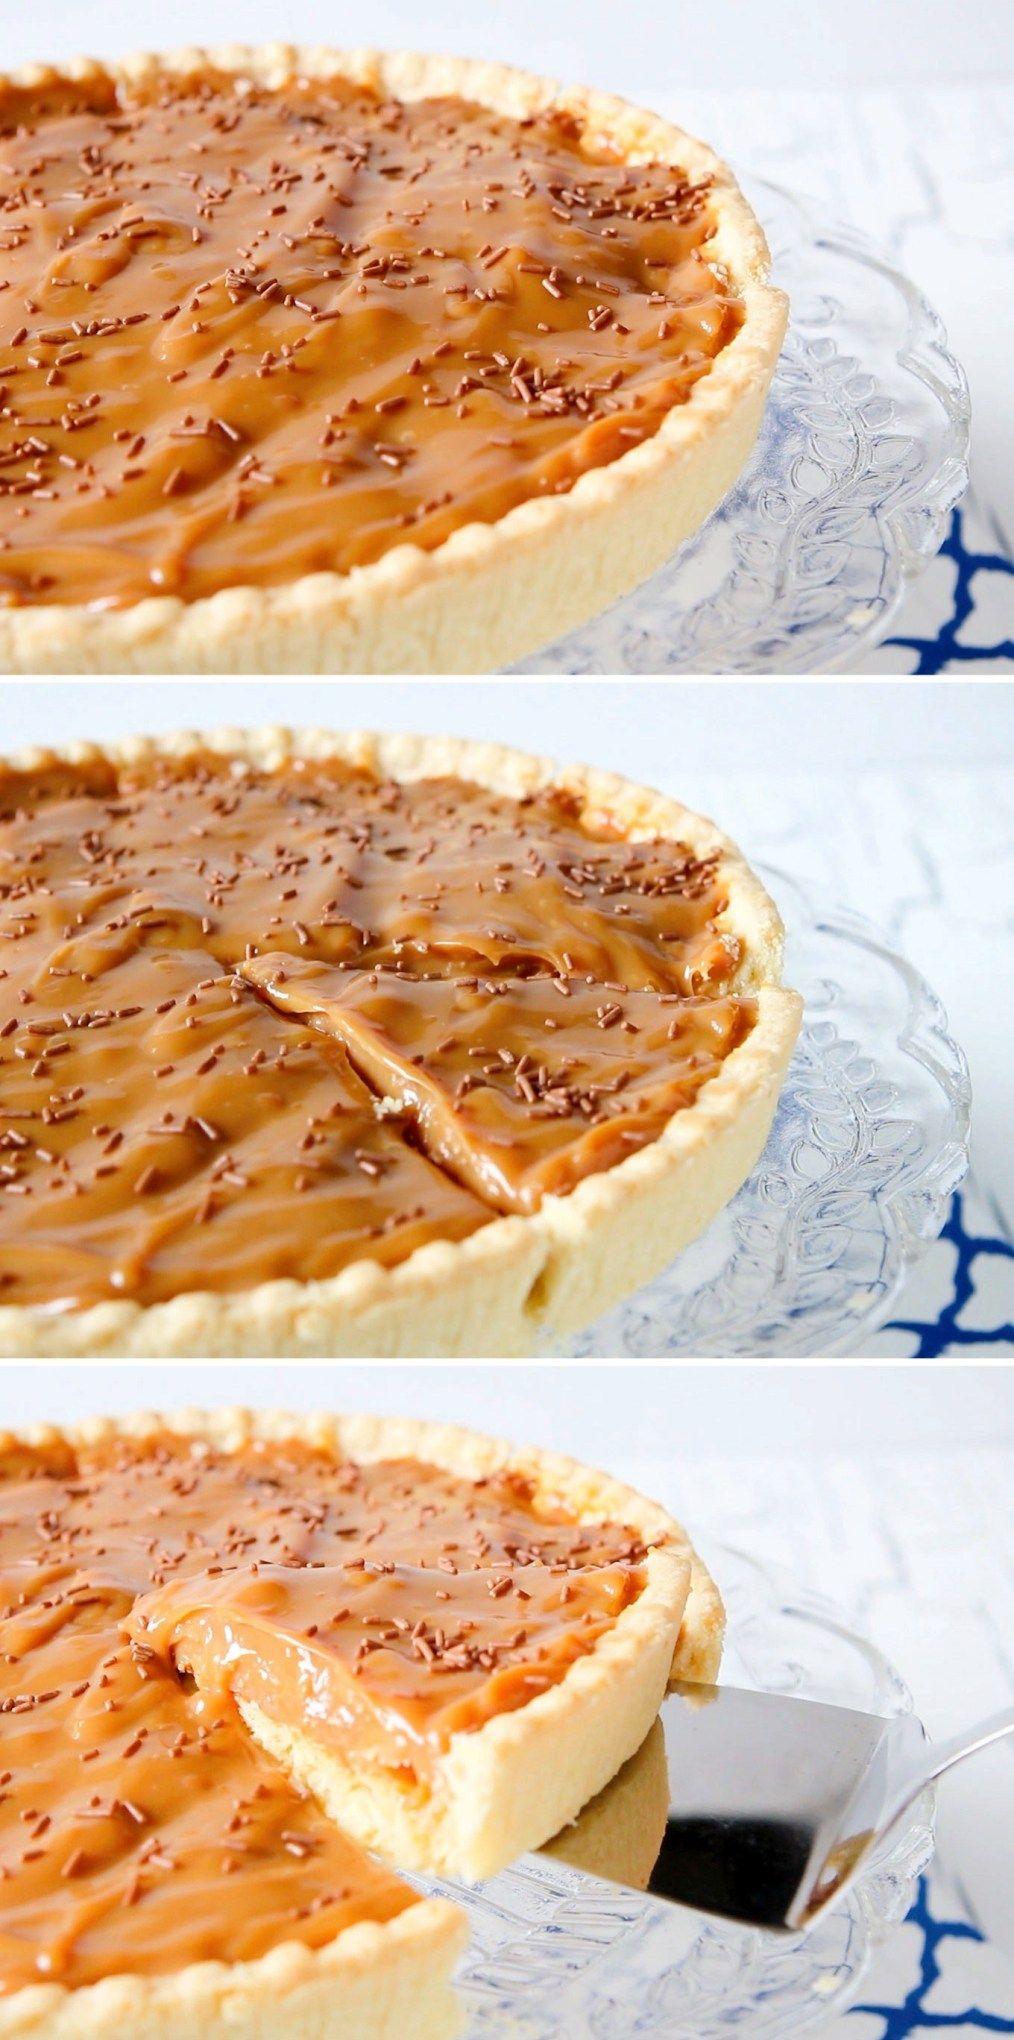 2 3 Ingredient Caramel Tart Recipe Caramel Tart Recipe Tart Recipes Caramel Tart